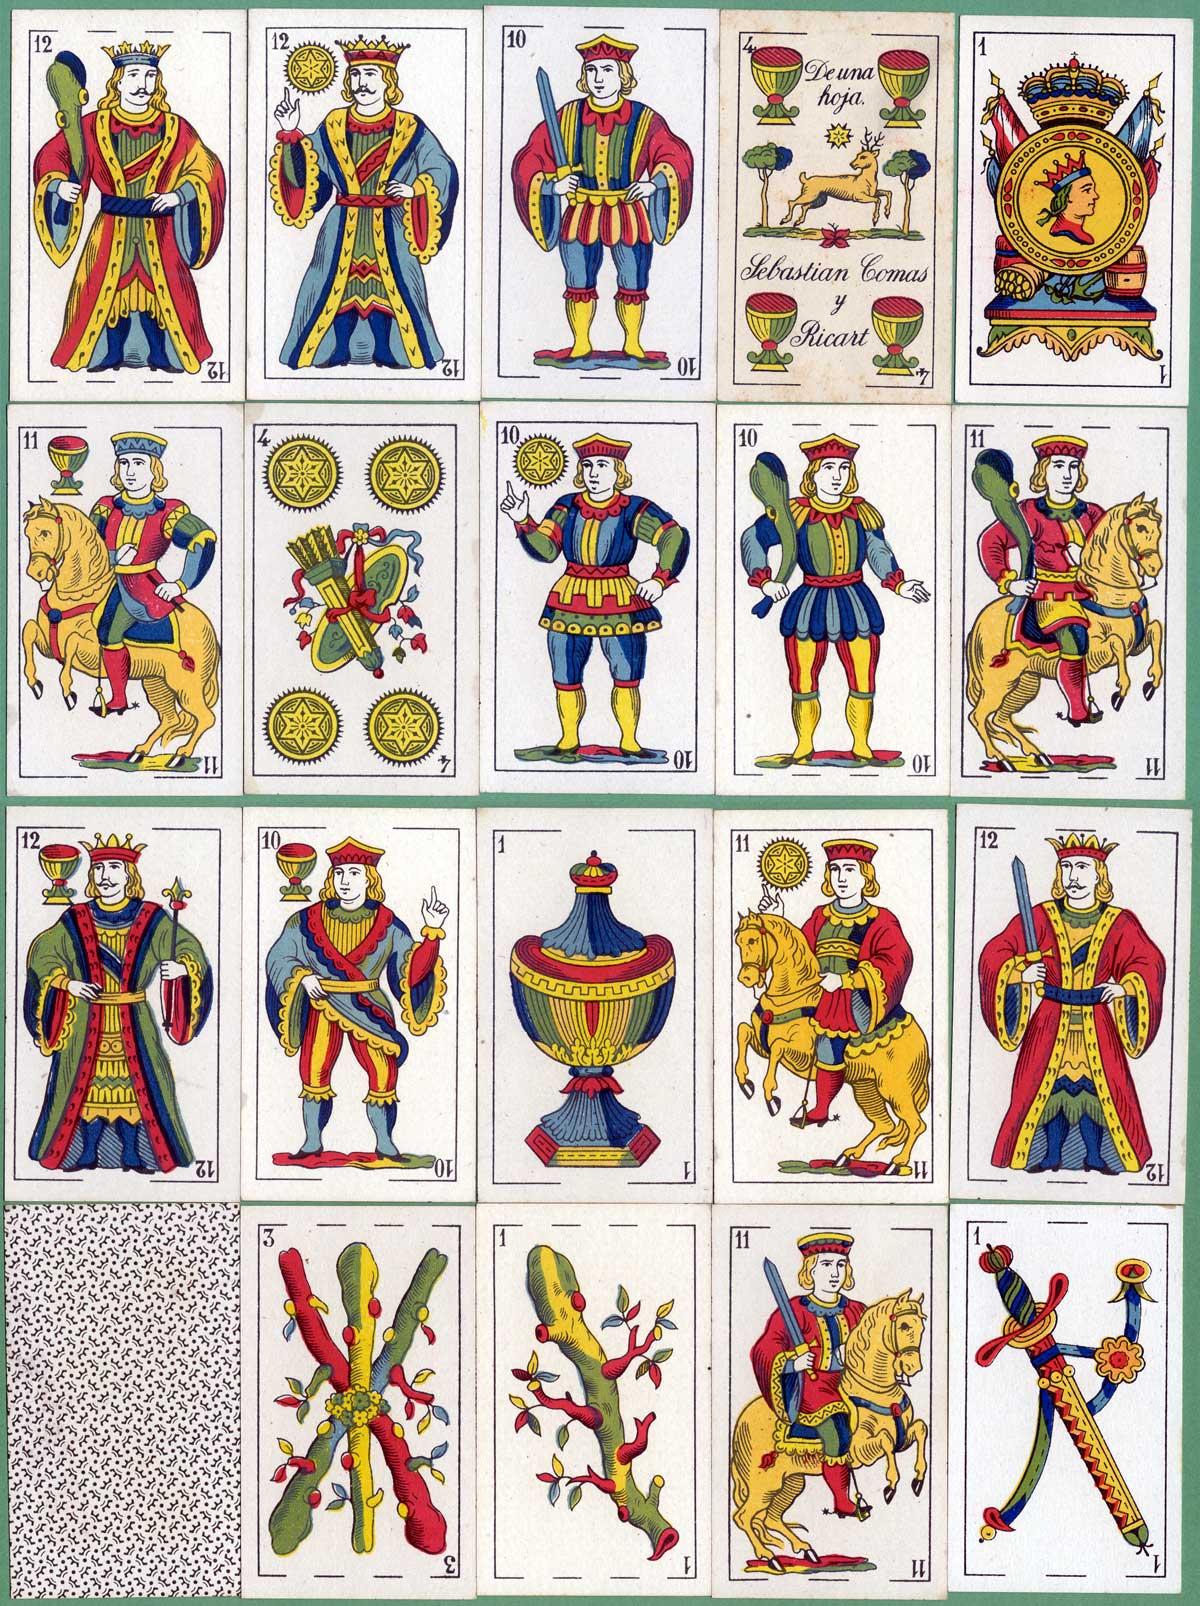 """Sebastian Comas y Ricart - Hija de A. Comas """"El Ciervo"""" Spanish Catalan pattern, c.1930"""